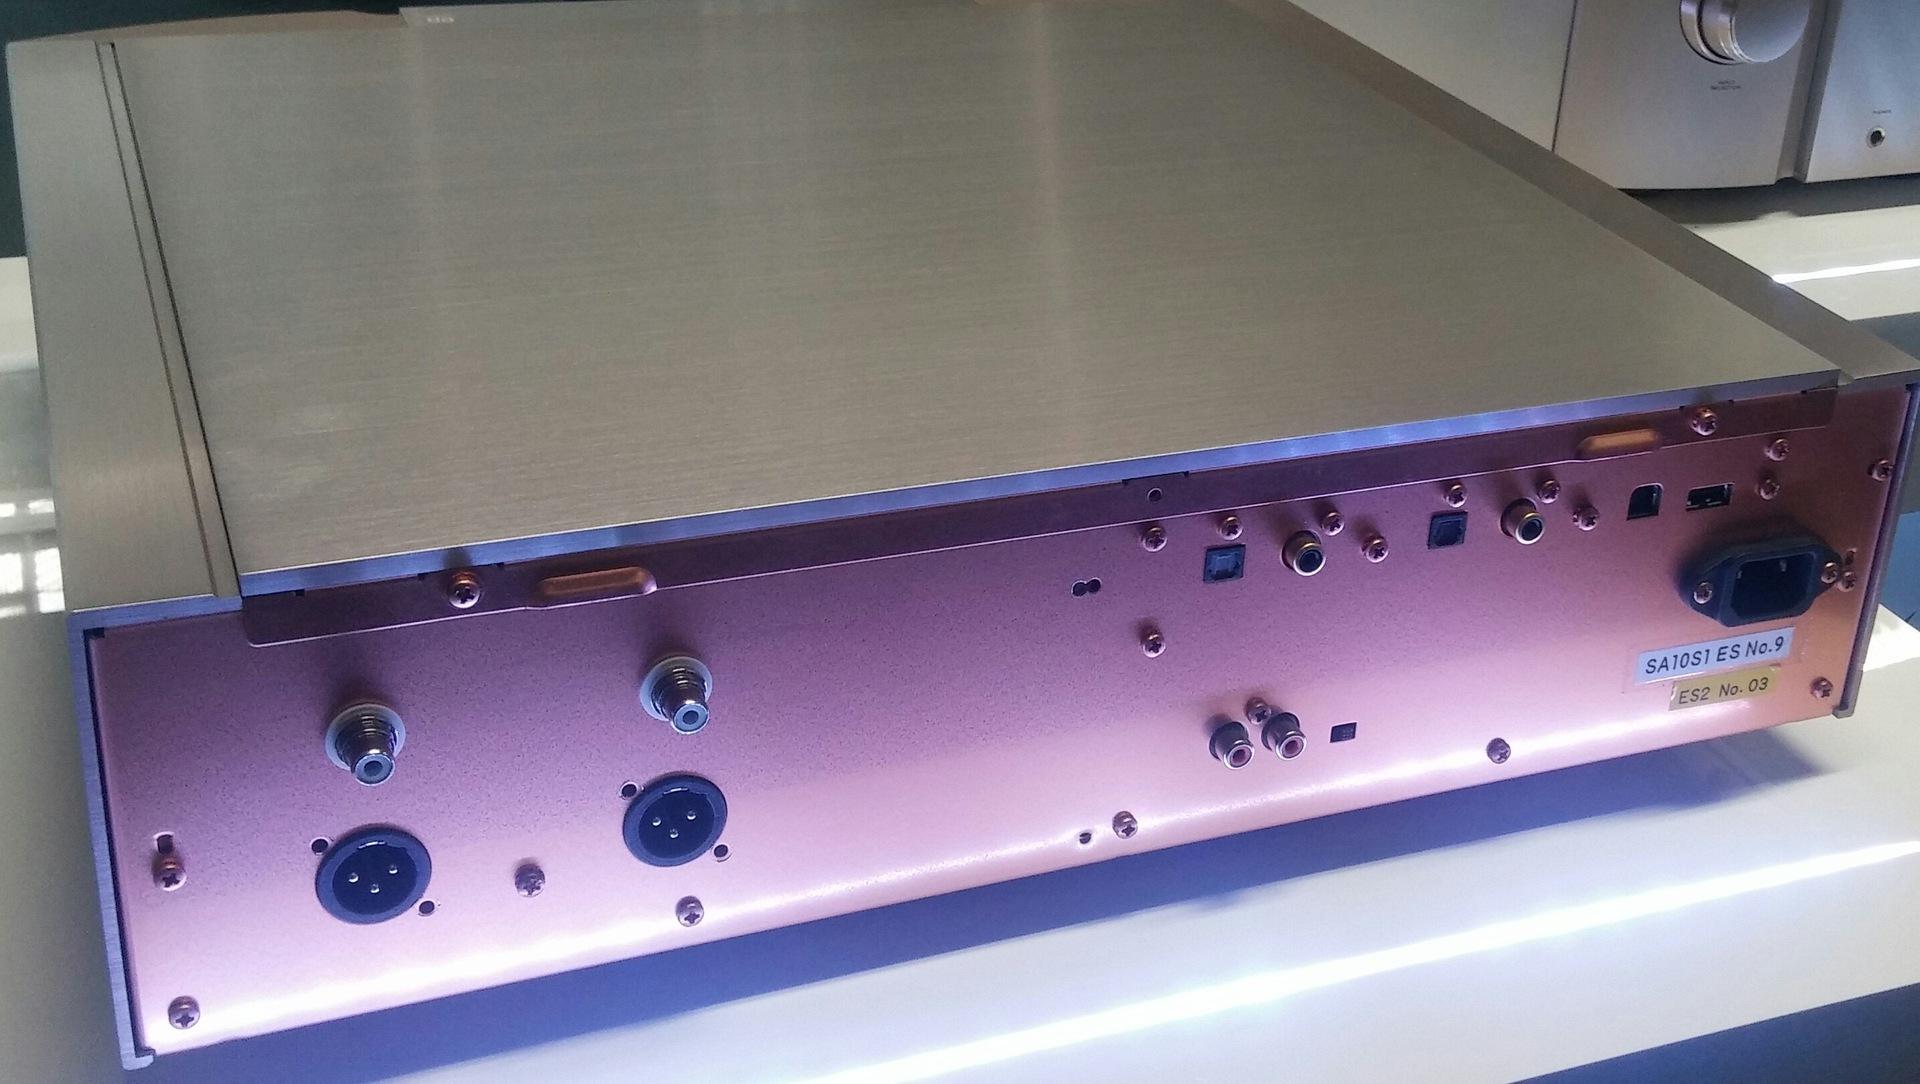 Marantz SA-10 back | back, elektronik, marantz, sa10, stereo | hifi